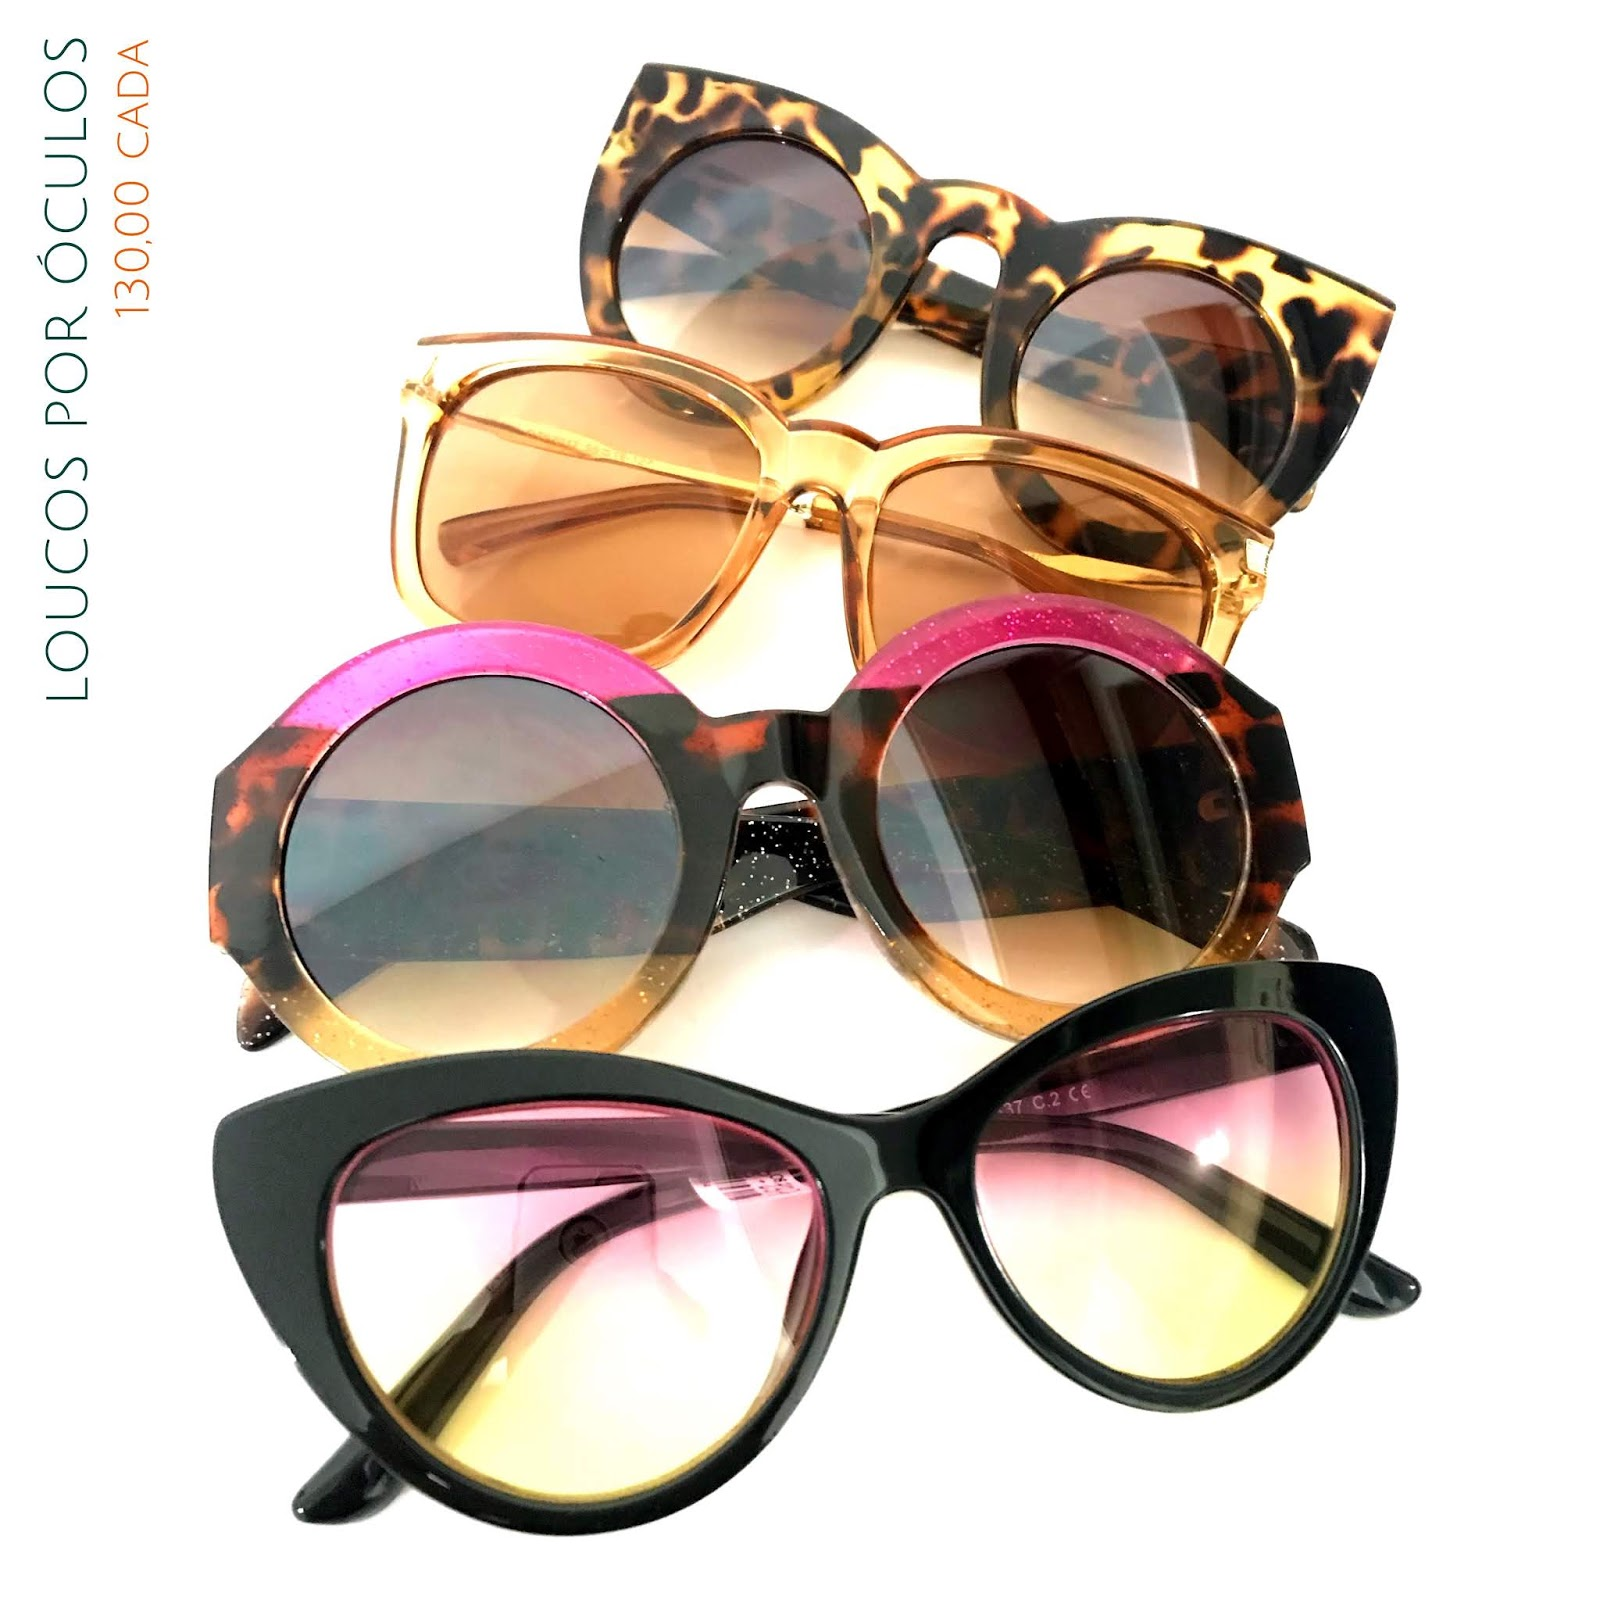 369858cf66e6a Estamos com óculos de sol belíssimos também